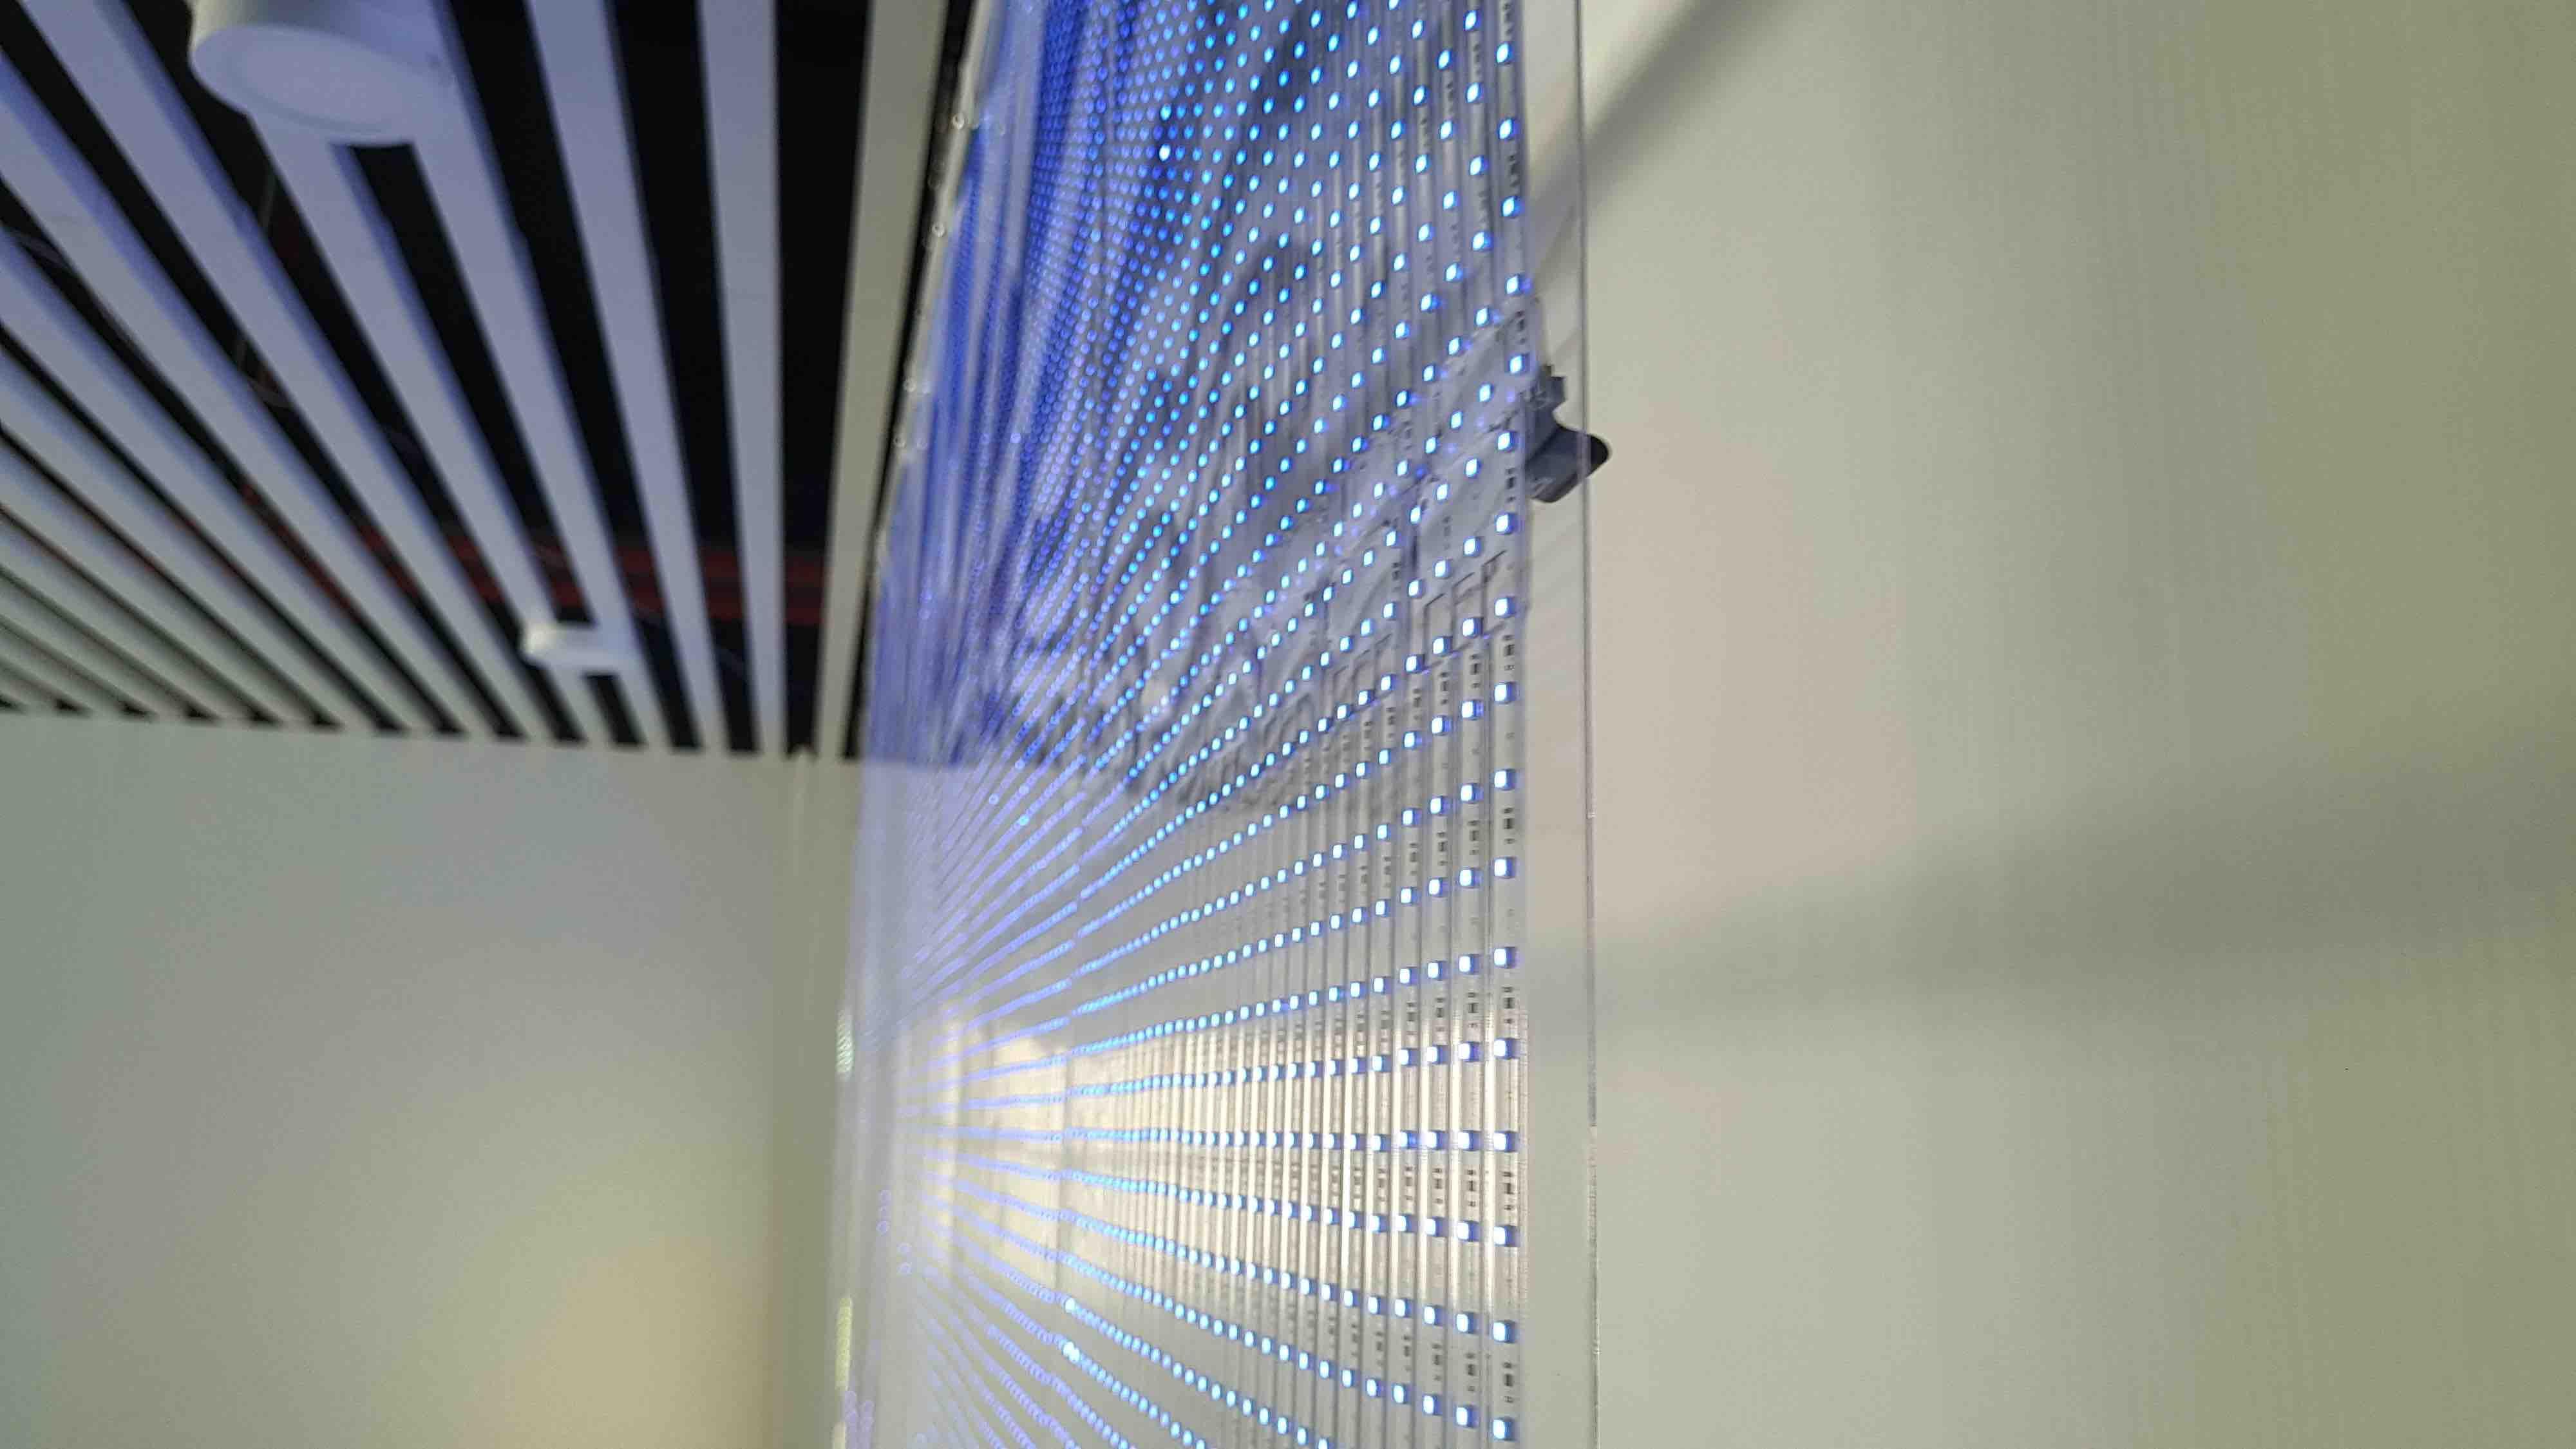 ADHESIF transparent fenêtre façade LED, construction mur intérieur à coller sur vitre verre - adhésifs innovants - affichage LED - rue Communication